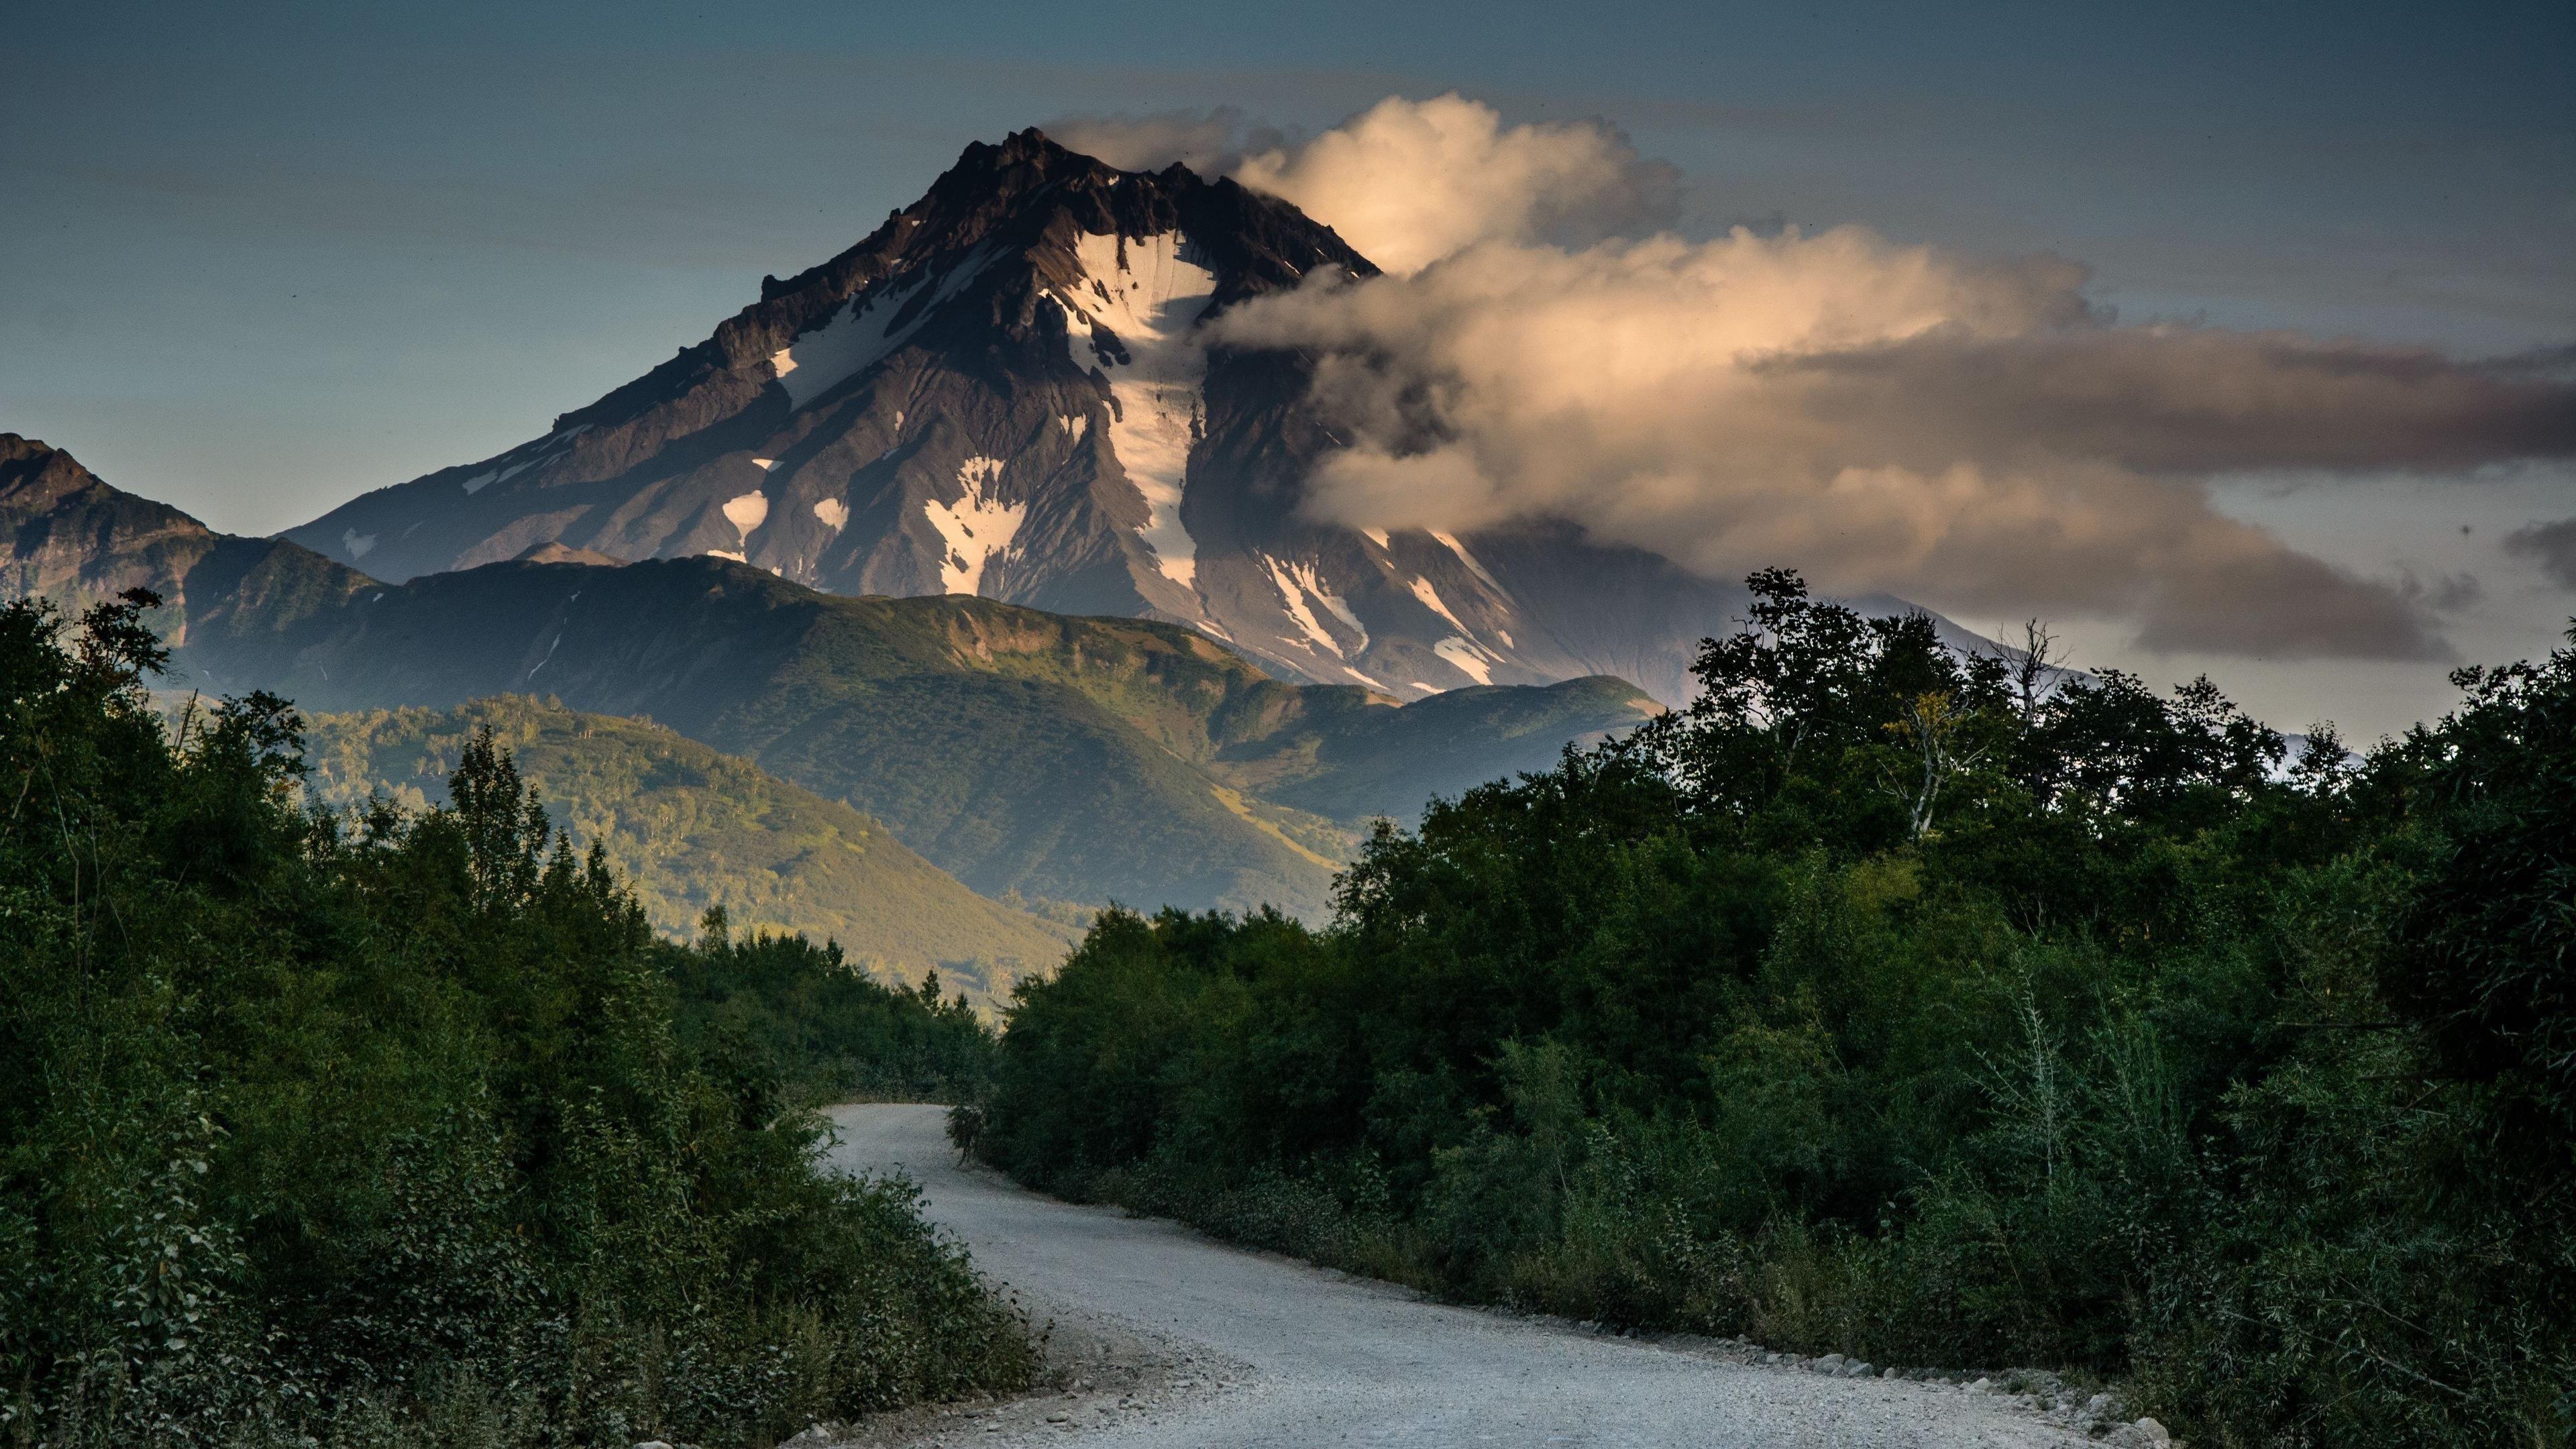 Облака покрыли гору под серым бетоном дорога между зелеными деревьями природа обои скачать